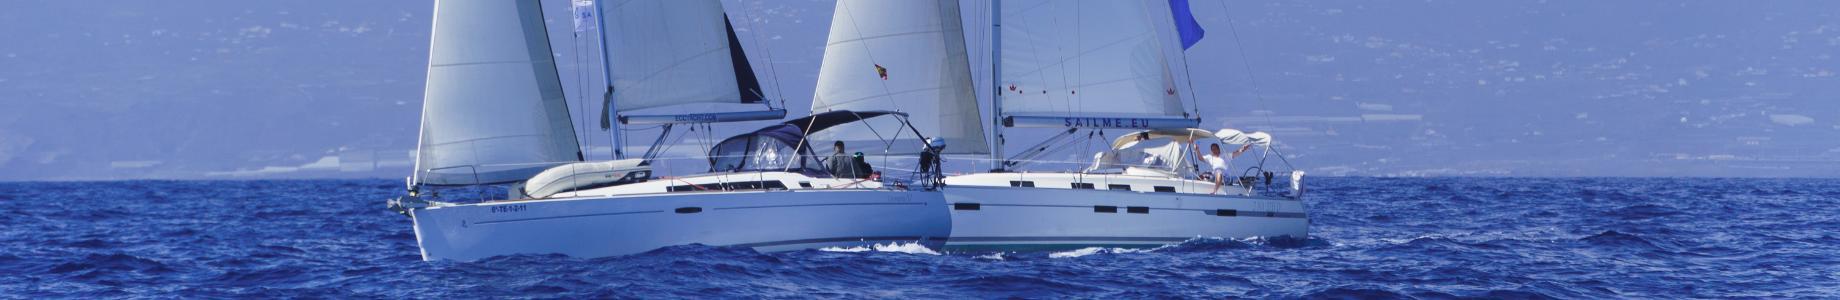 Яхтинг на Канарских островах. Бортовой дневник Sailica из яркой поездки с джунглями, каньонами и марсианскими пейзажами